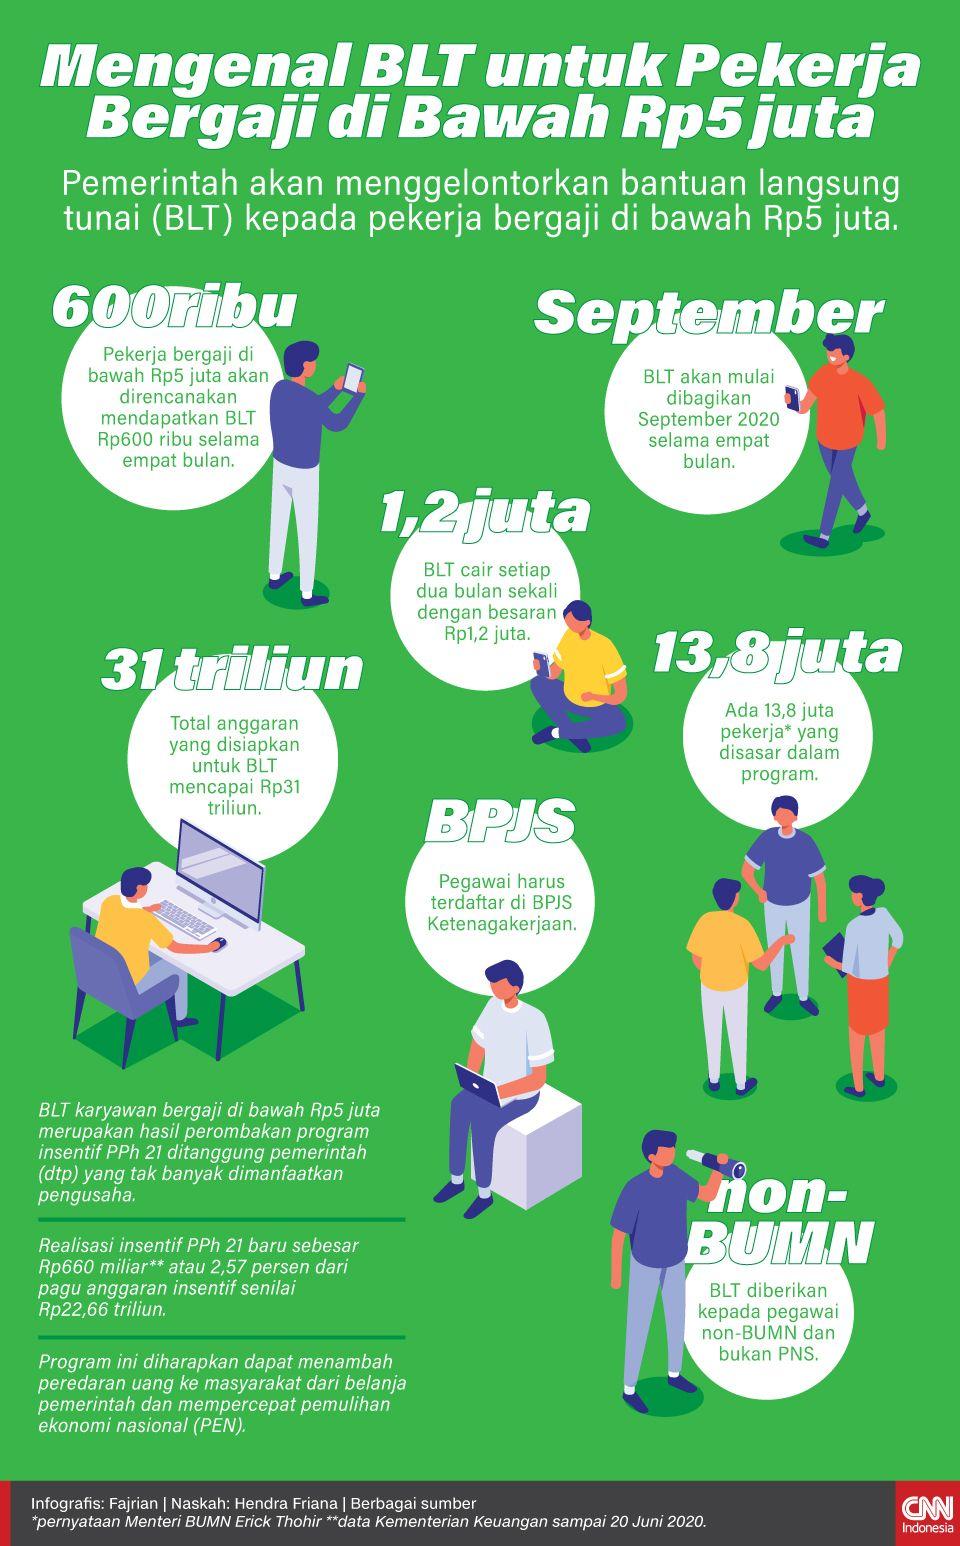 Infografis Mengenal BLT untuk Pekerja Bergaji di Bawah Rp5 juta